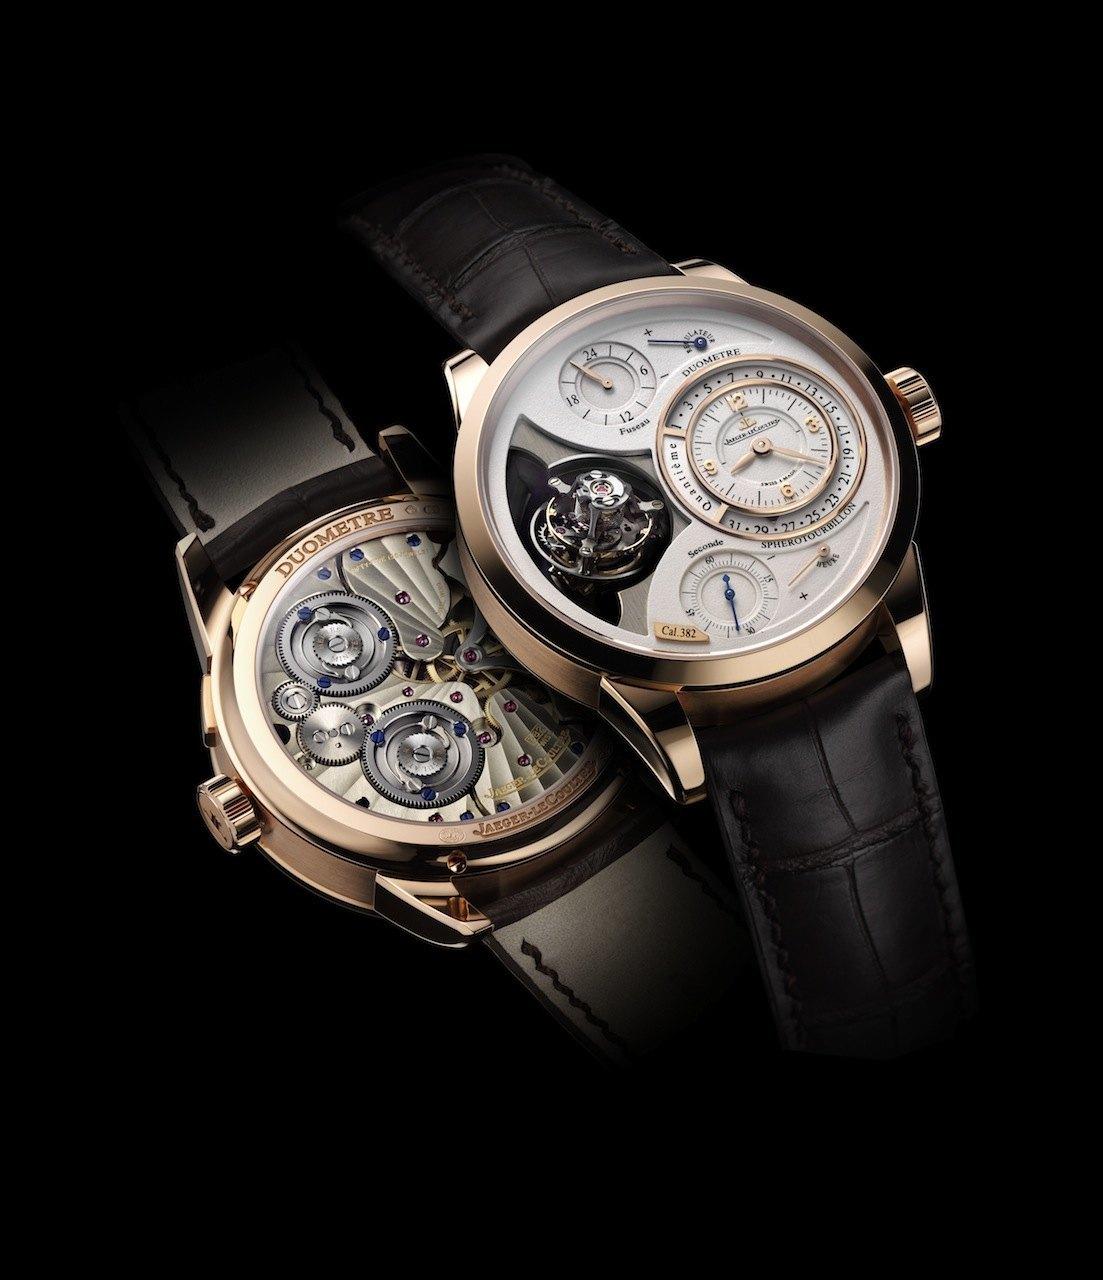 El reloj Duomètre Sphérotourbillon de Jaeger-LeCoultre fue premiado como el Mejor Reloj del año en el Munichtime y el Viennatime